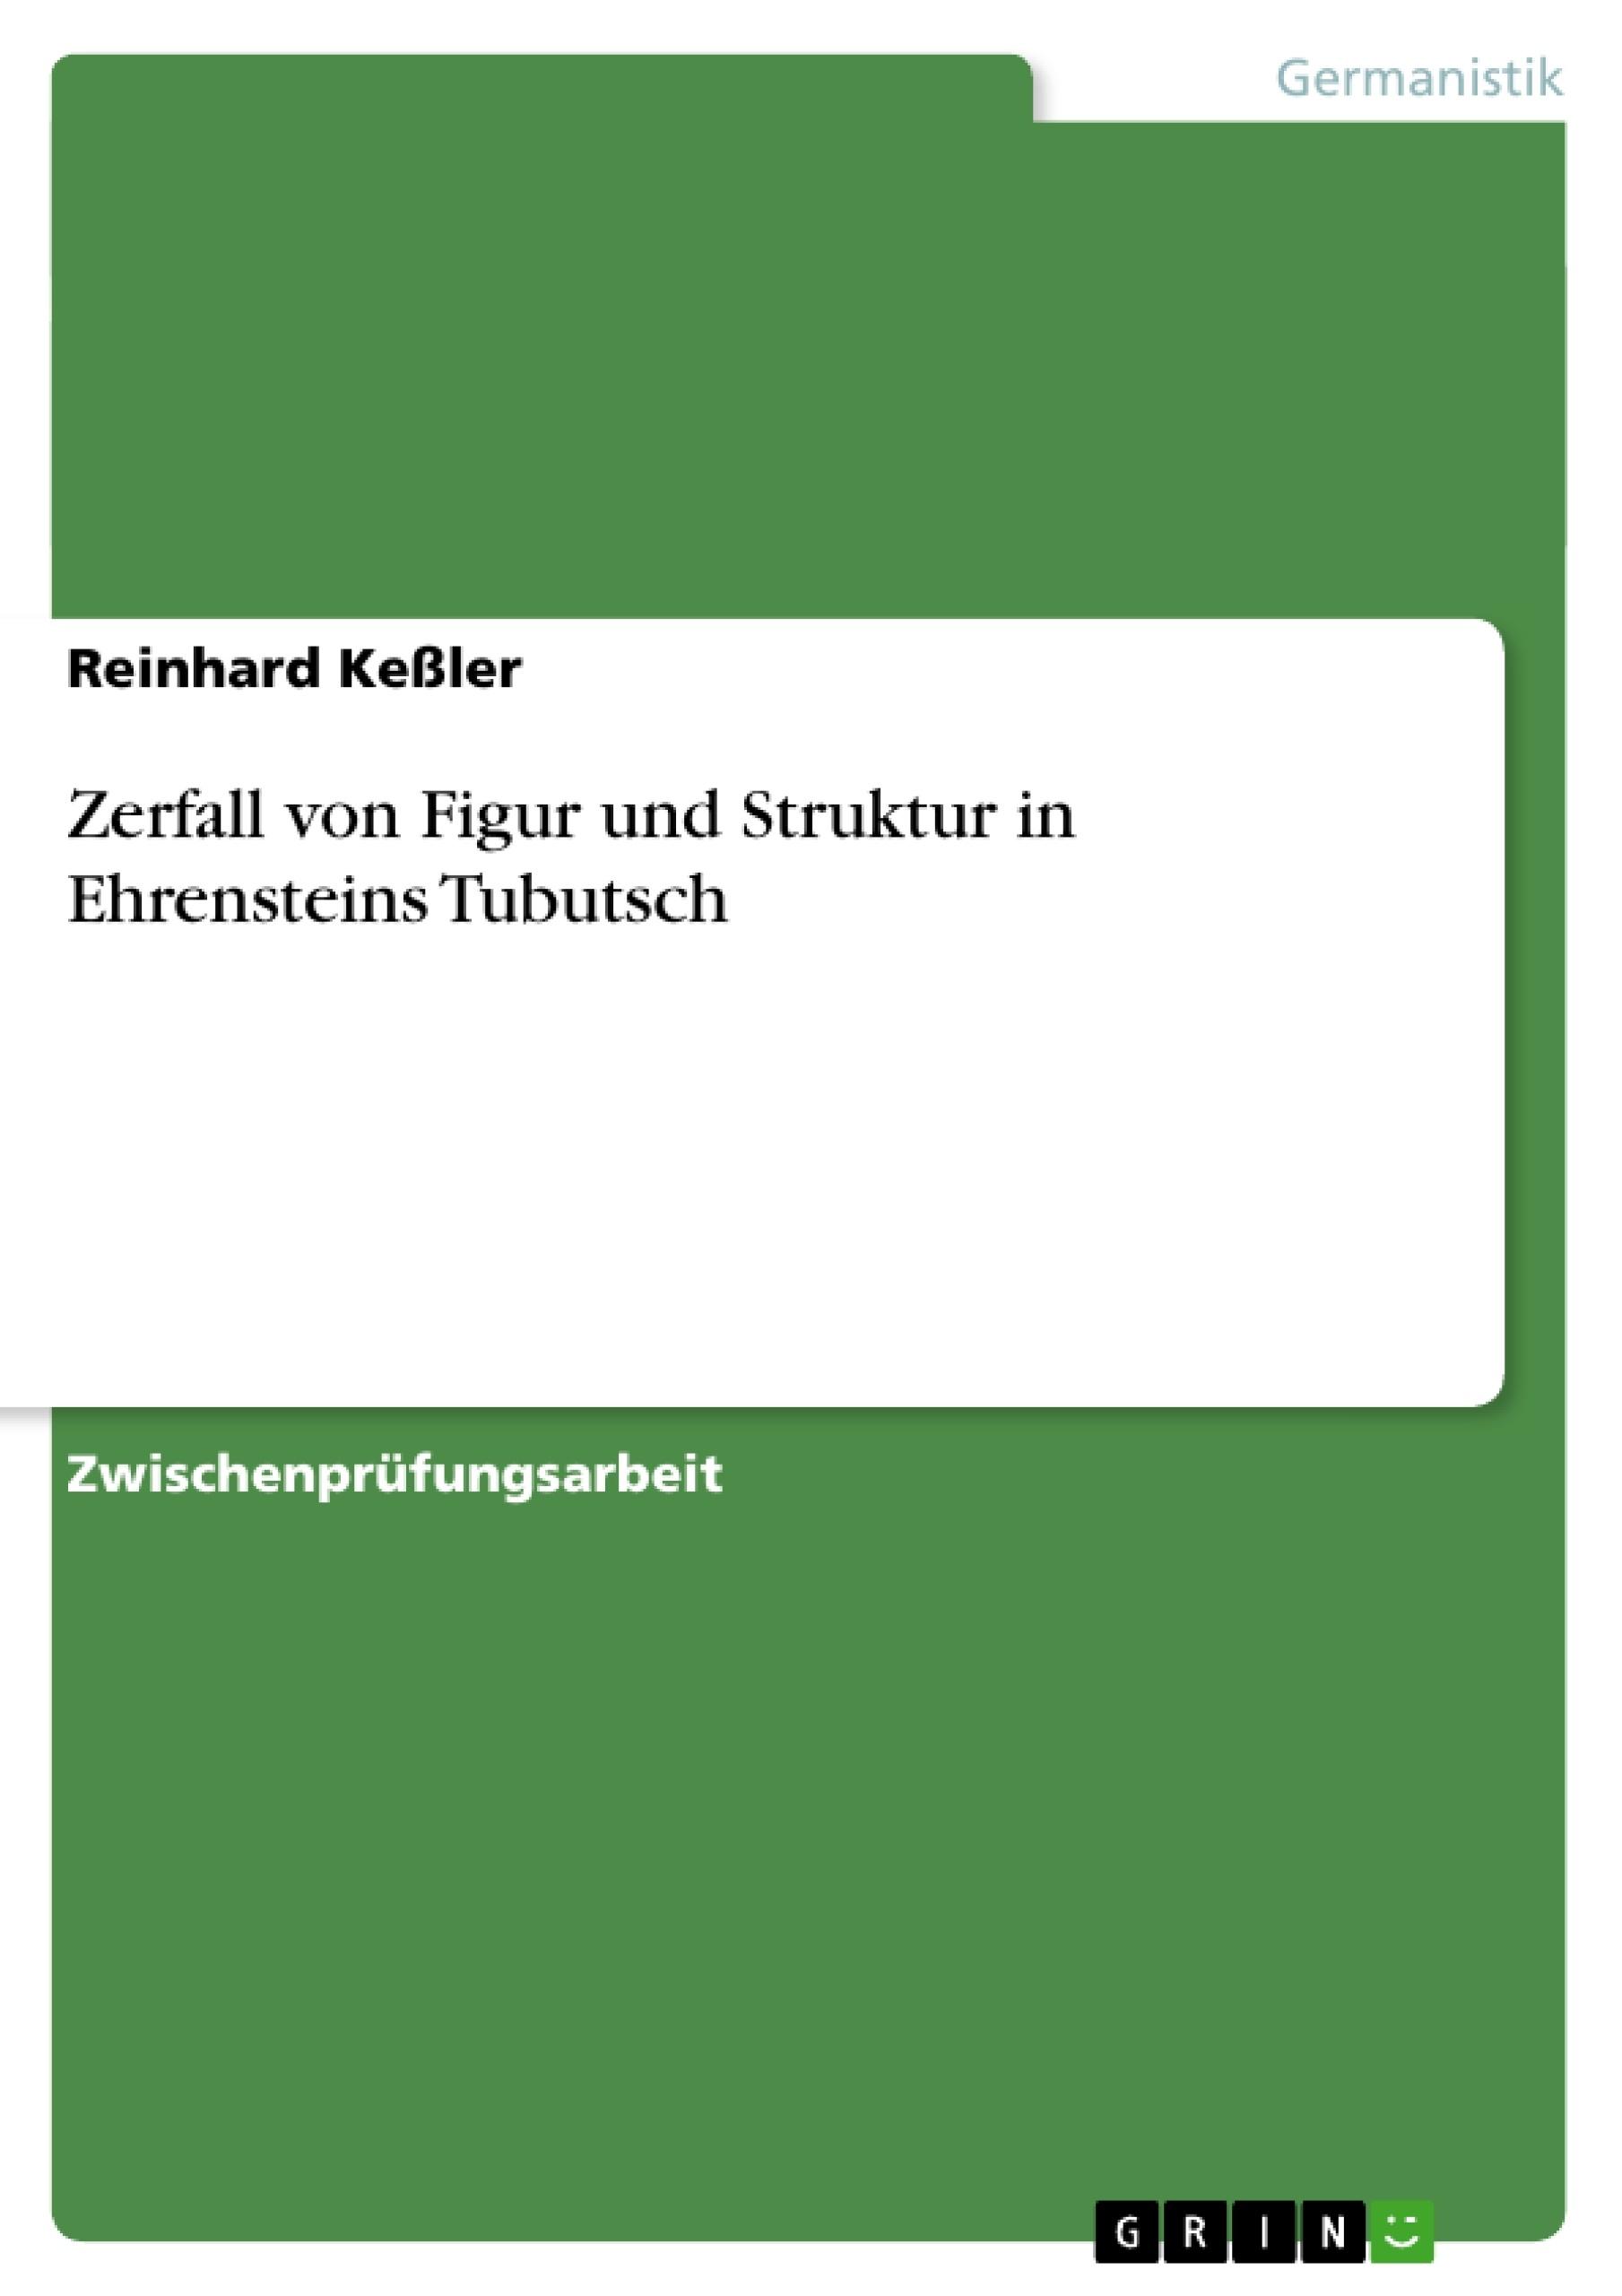 Titel: Zerfall von Figur und Struktur in Ehrensteins Tubutsch